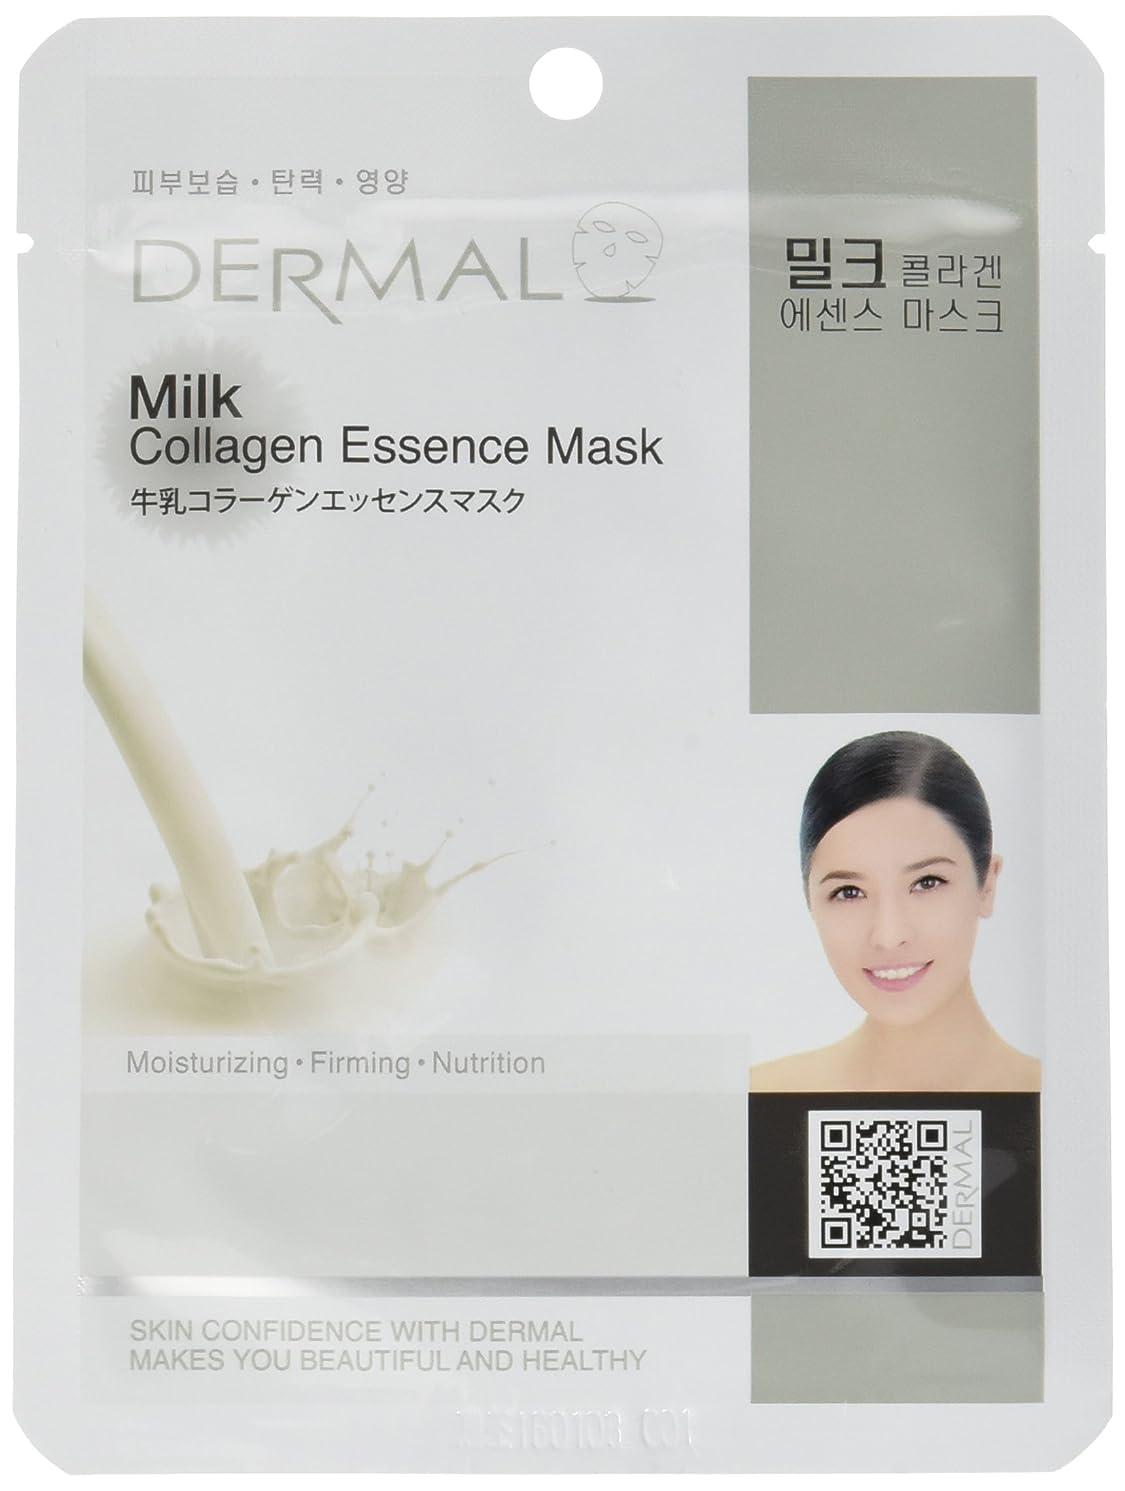 ブルーベル皮肉な免除するシートマスク DERMAL(ダーマル) お任せ 30種類 30枚セット No.1